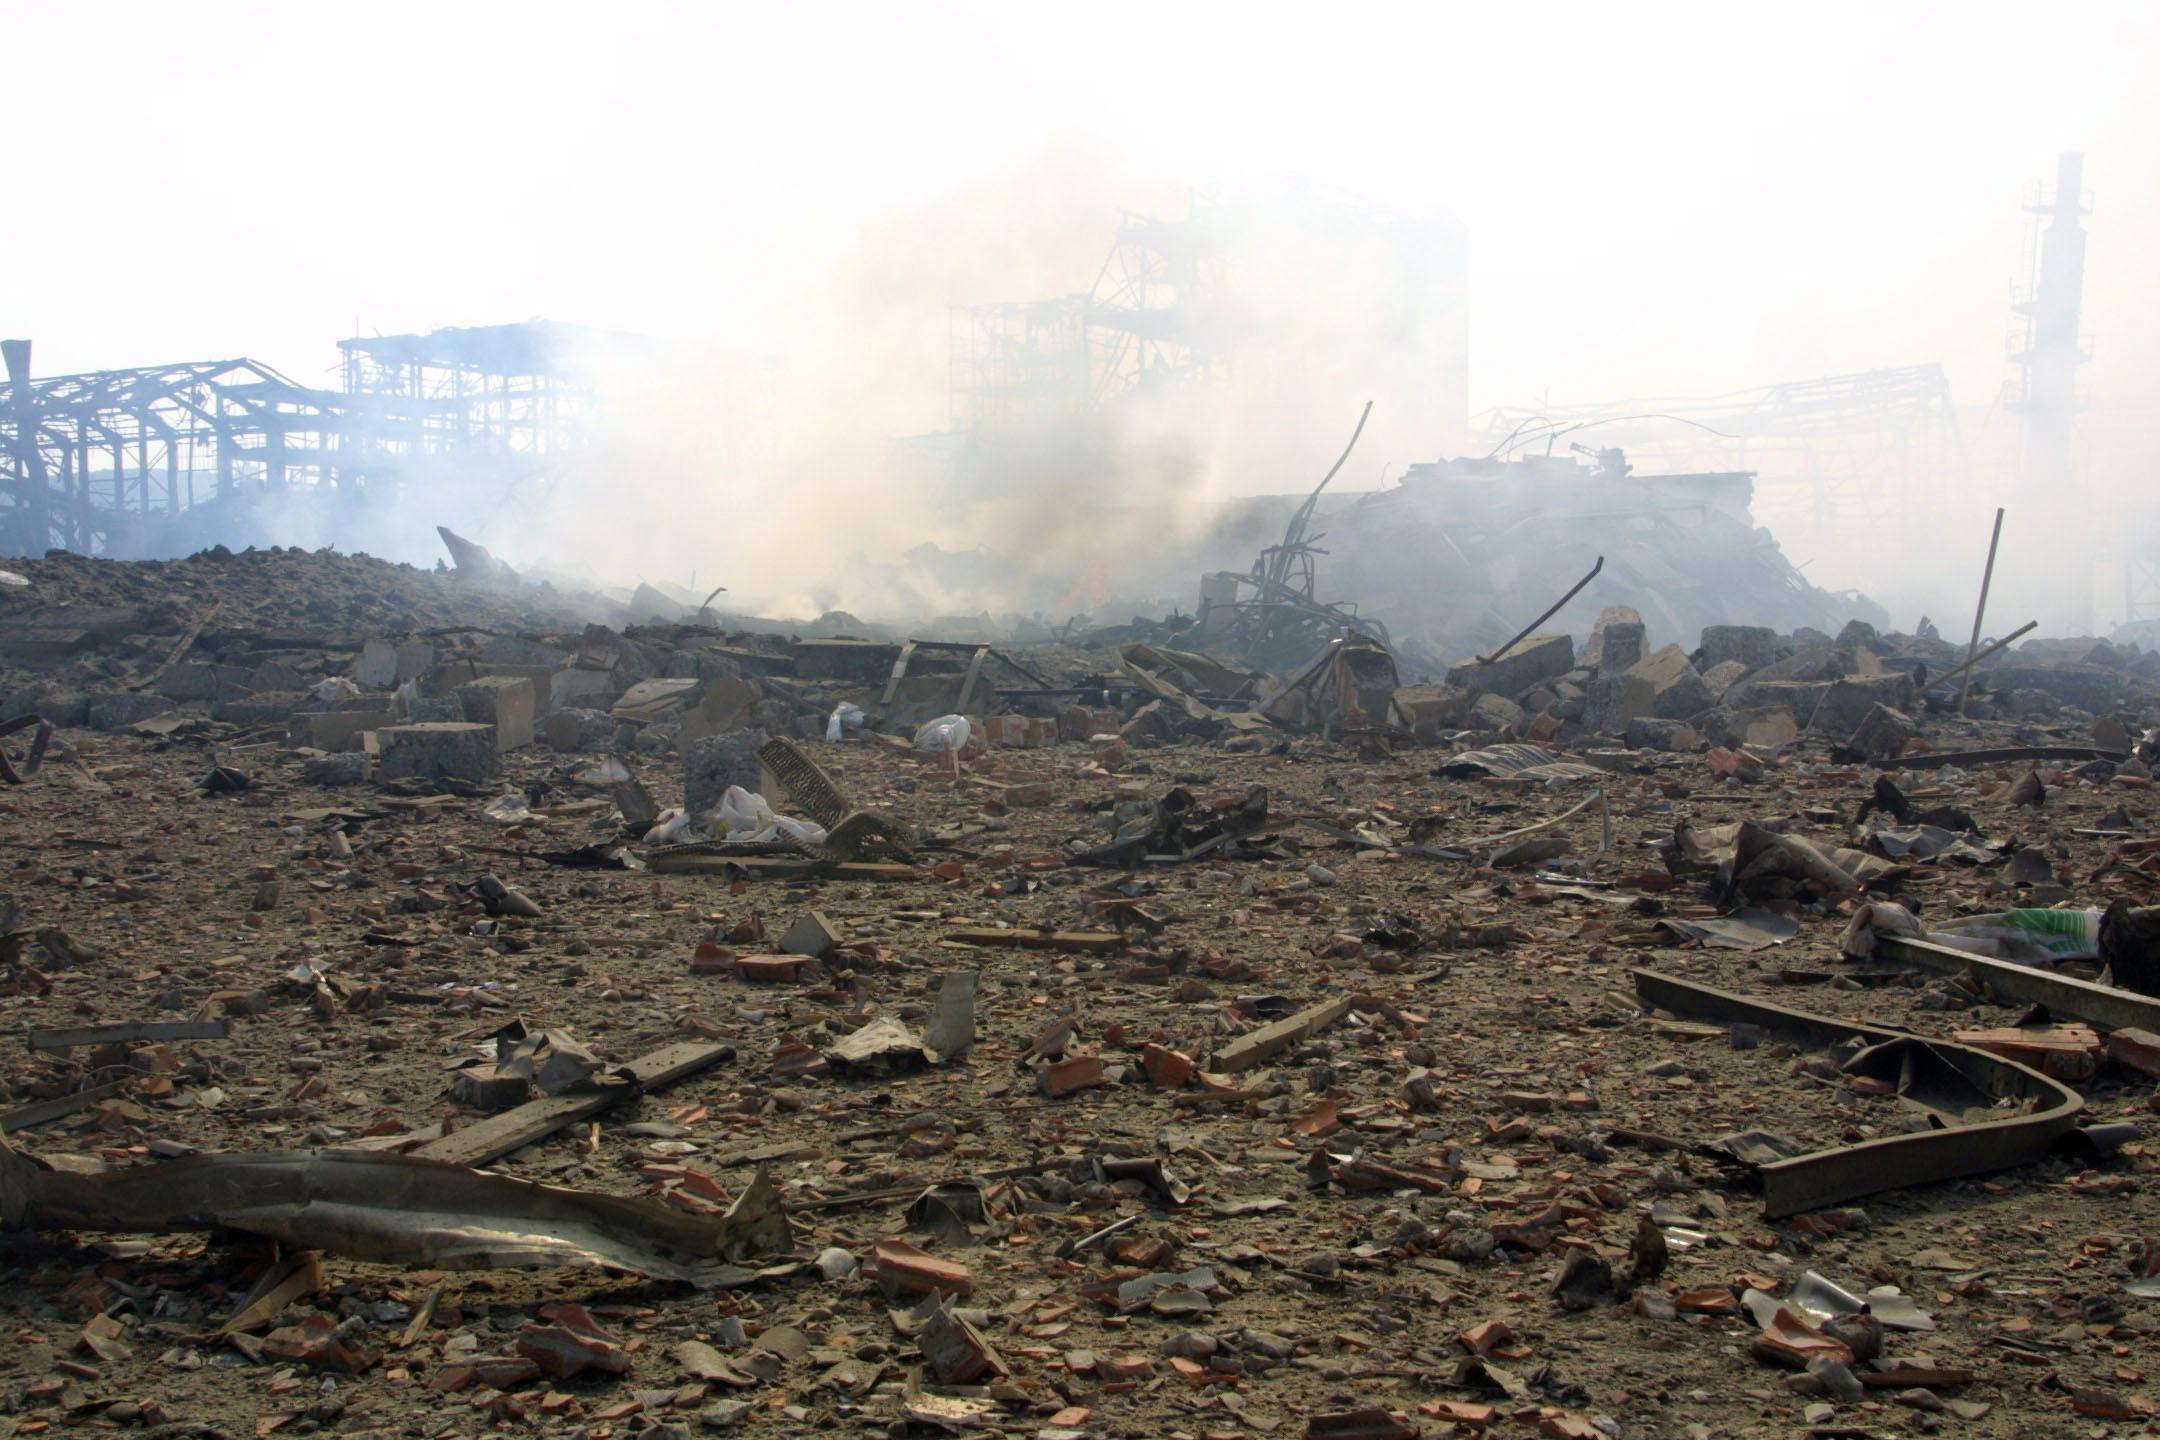 L'usine AZF, le 21 septembre 2001, à Toulouse, peu après l'explosion